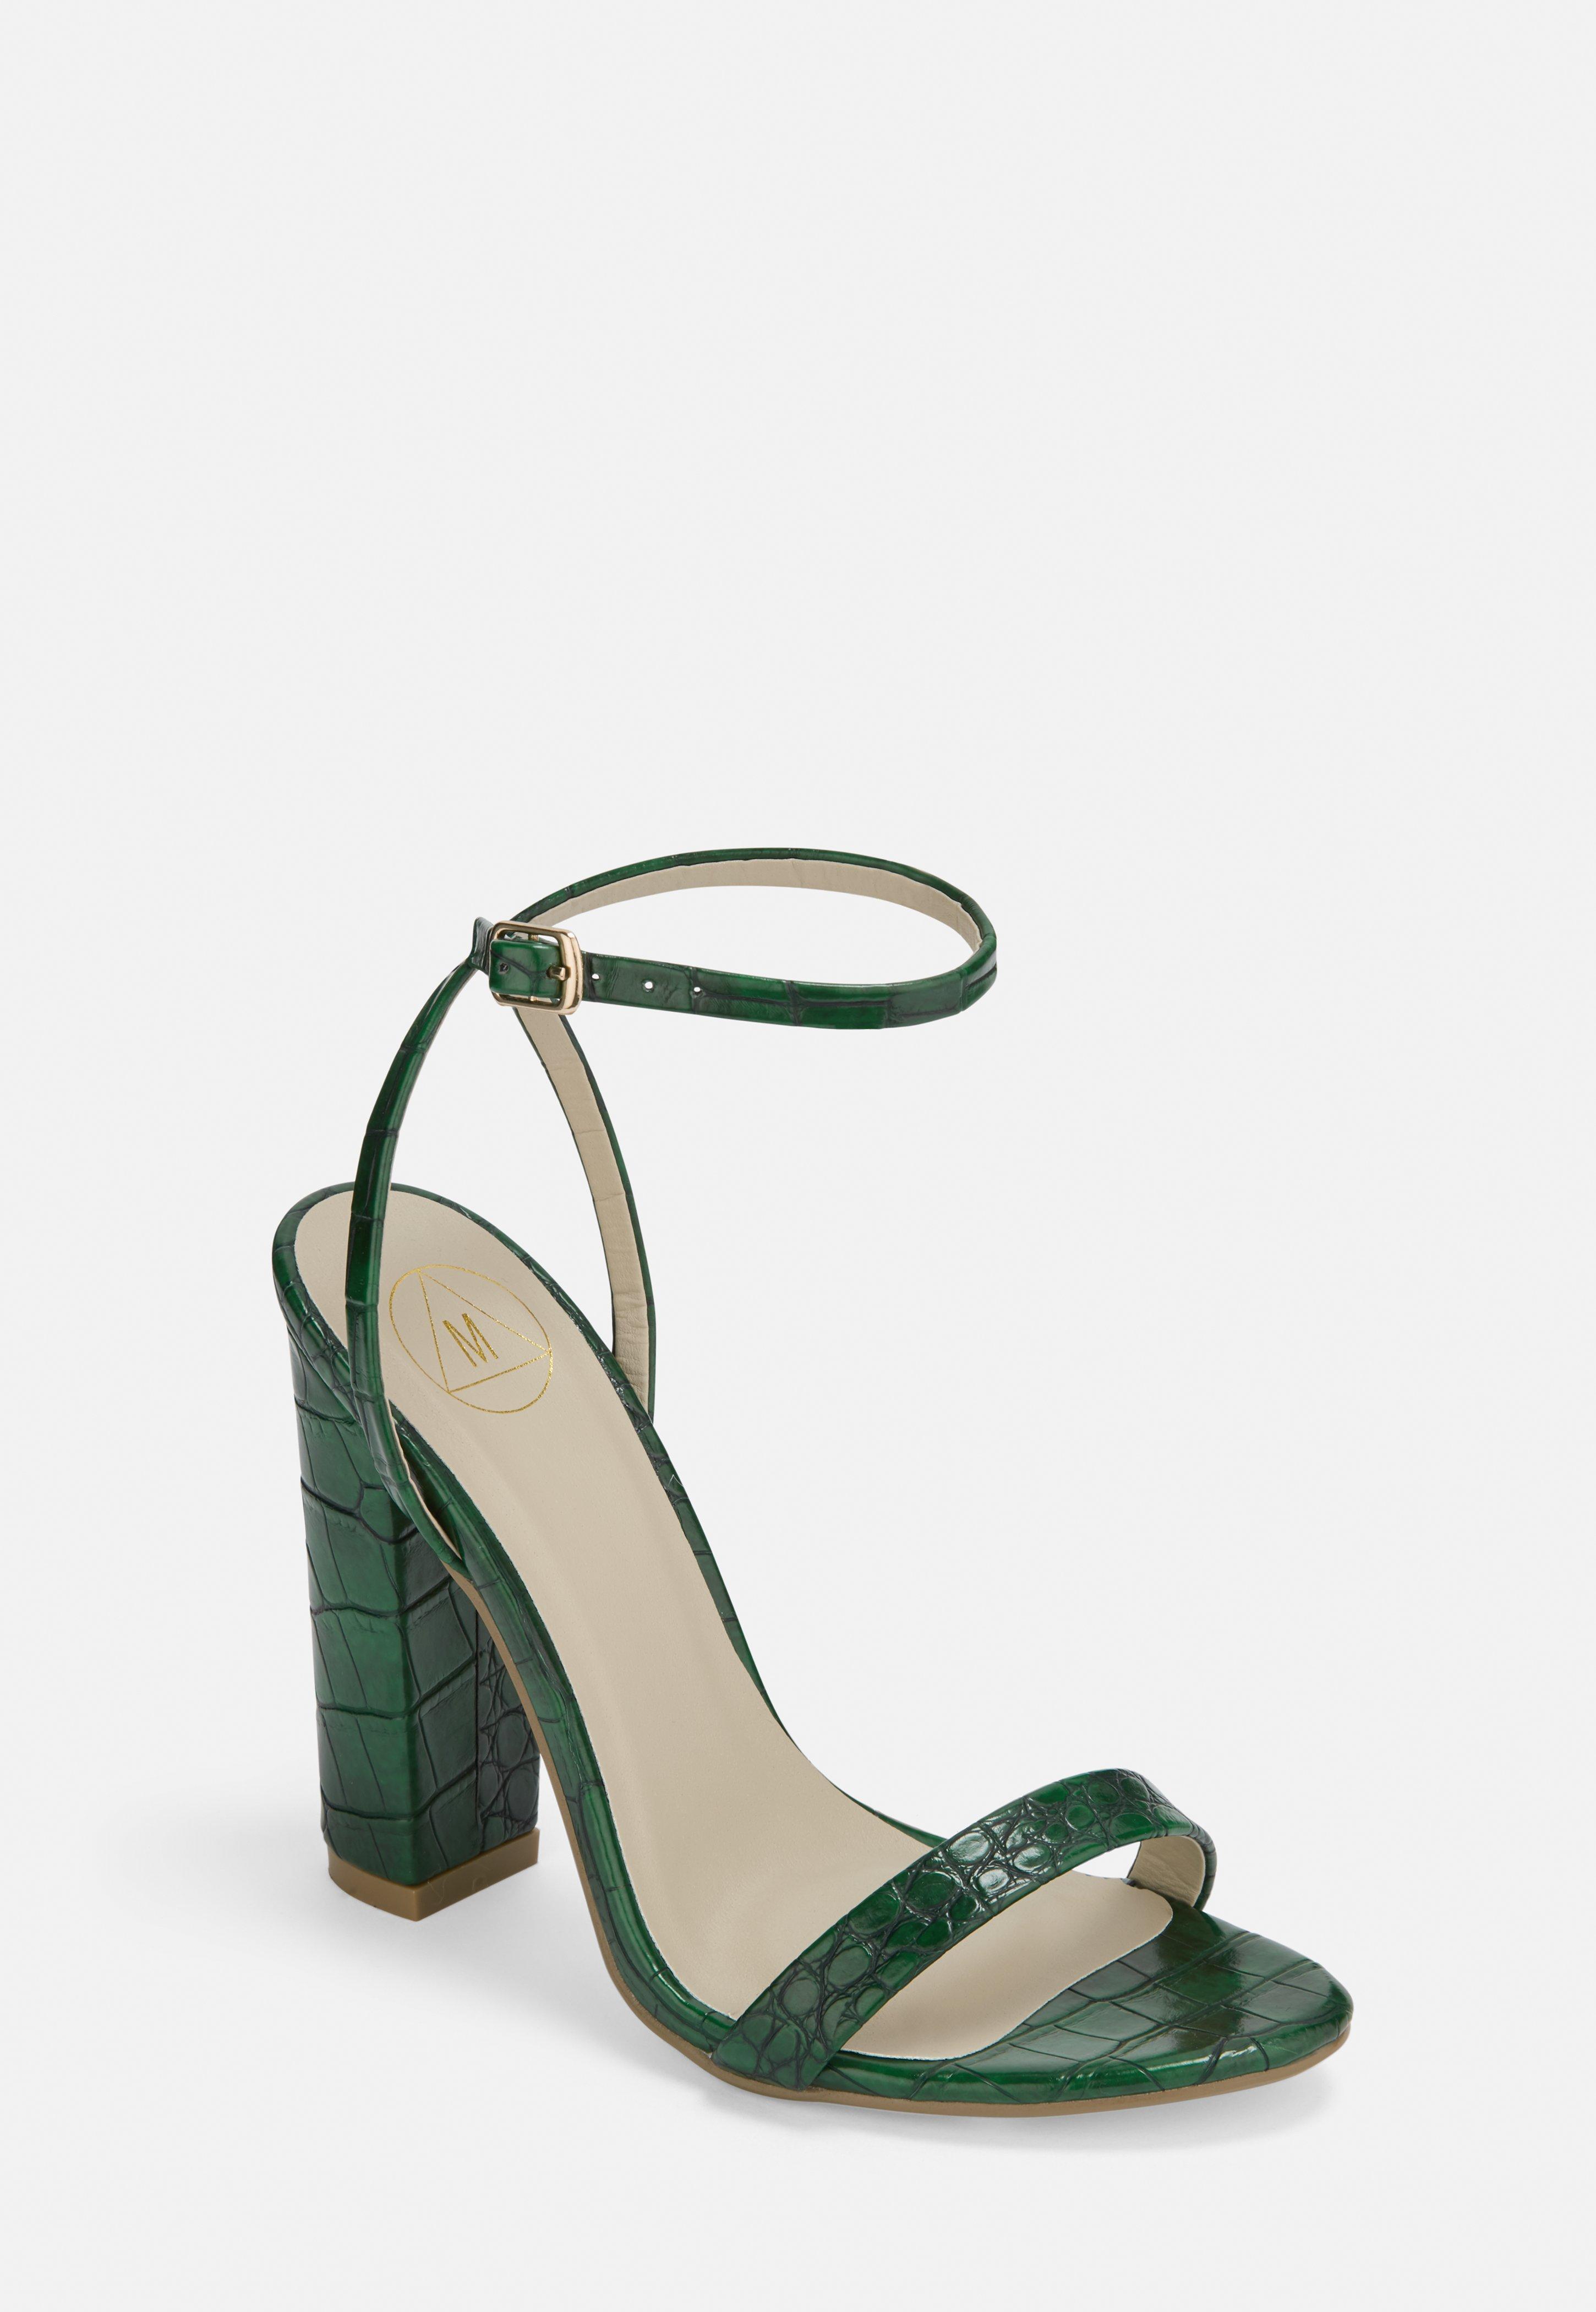 Green Heeled Croc Block Sandals Print mNn8Ov0w